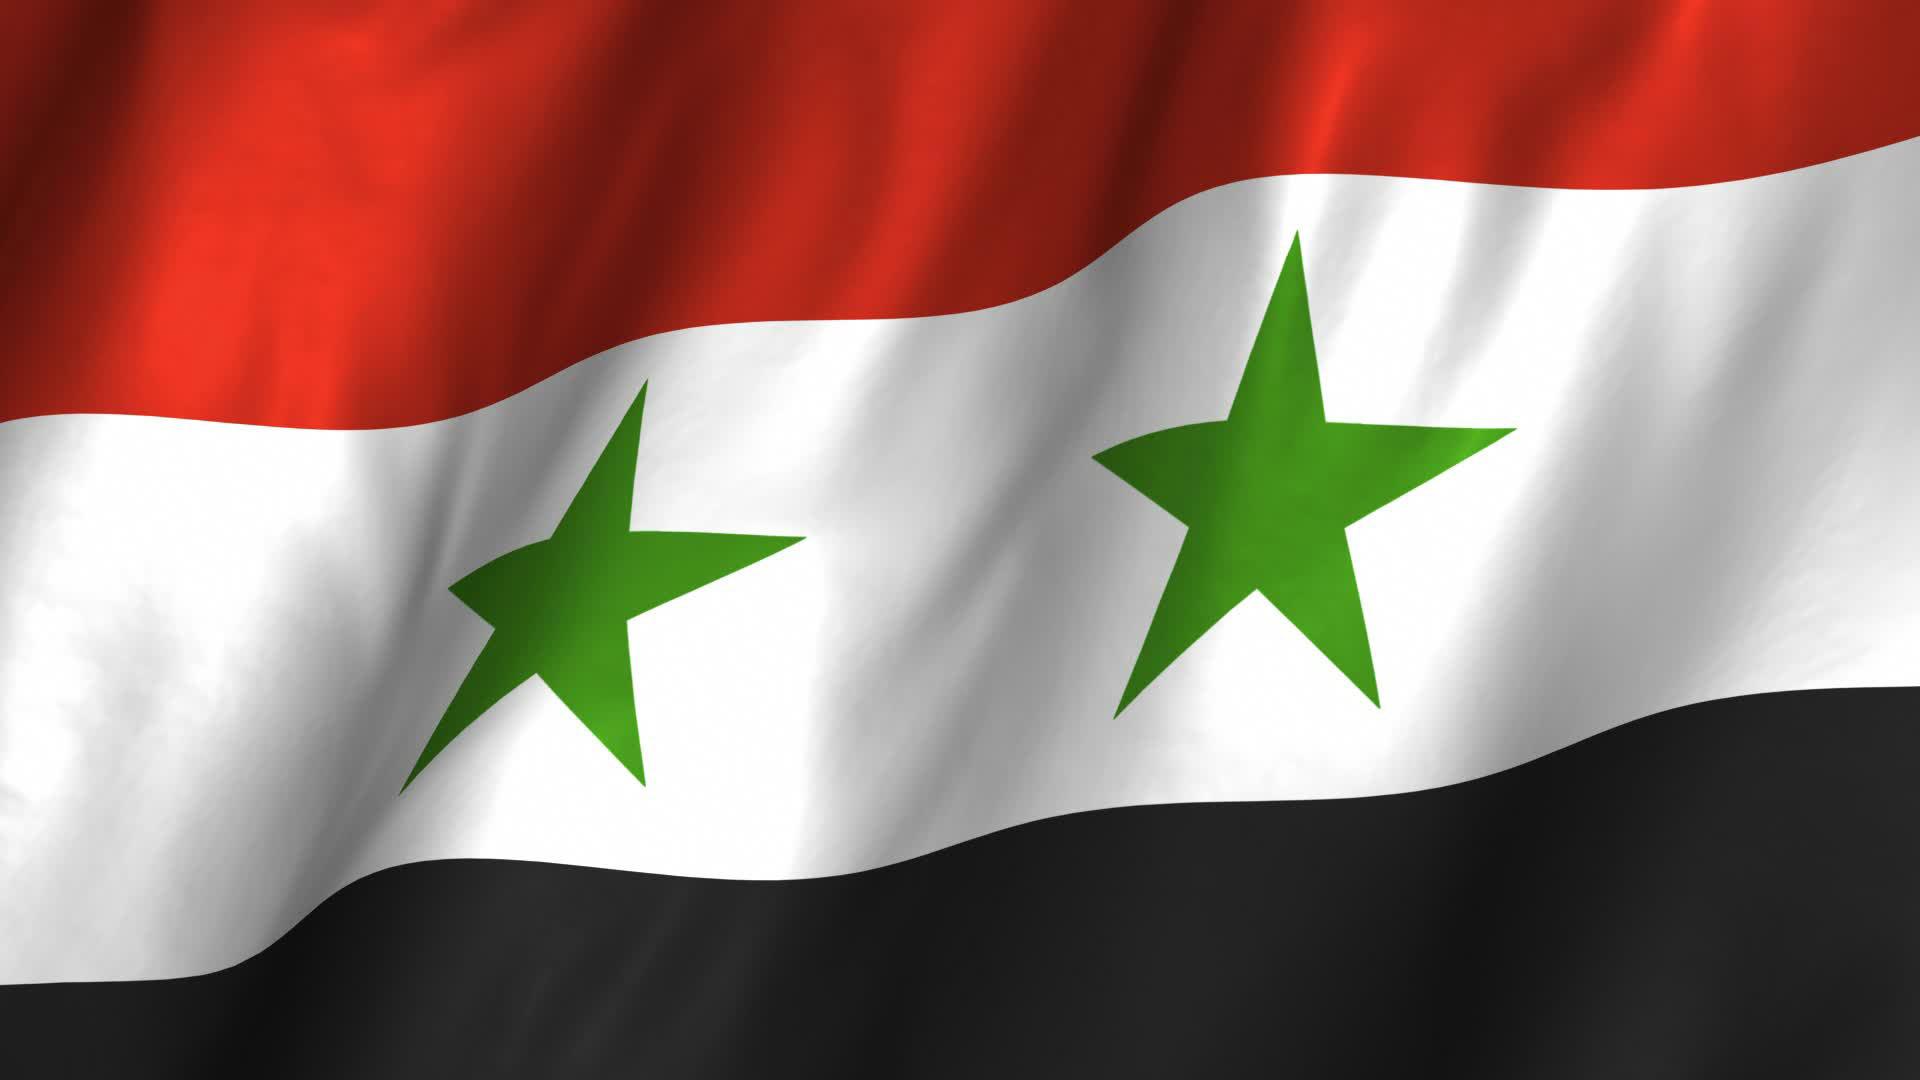 Сирийская авиация сбросила бомбы с хлористым газом в провинции Хама, — СМИ